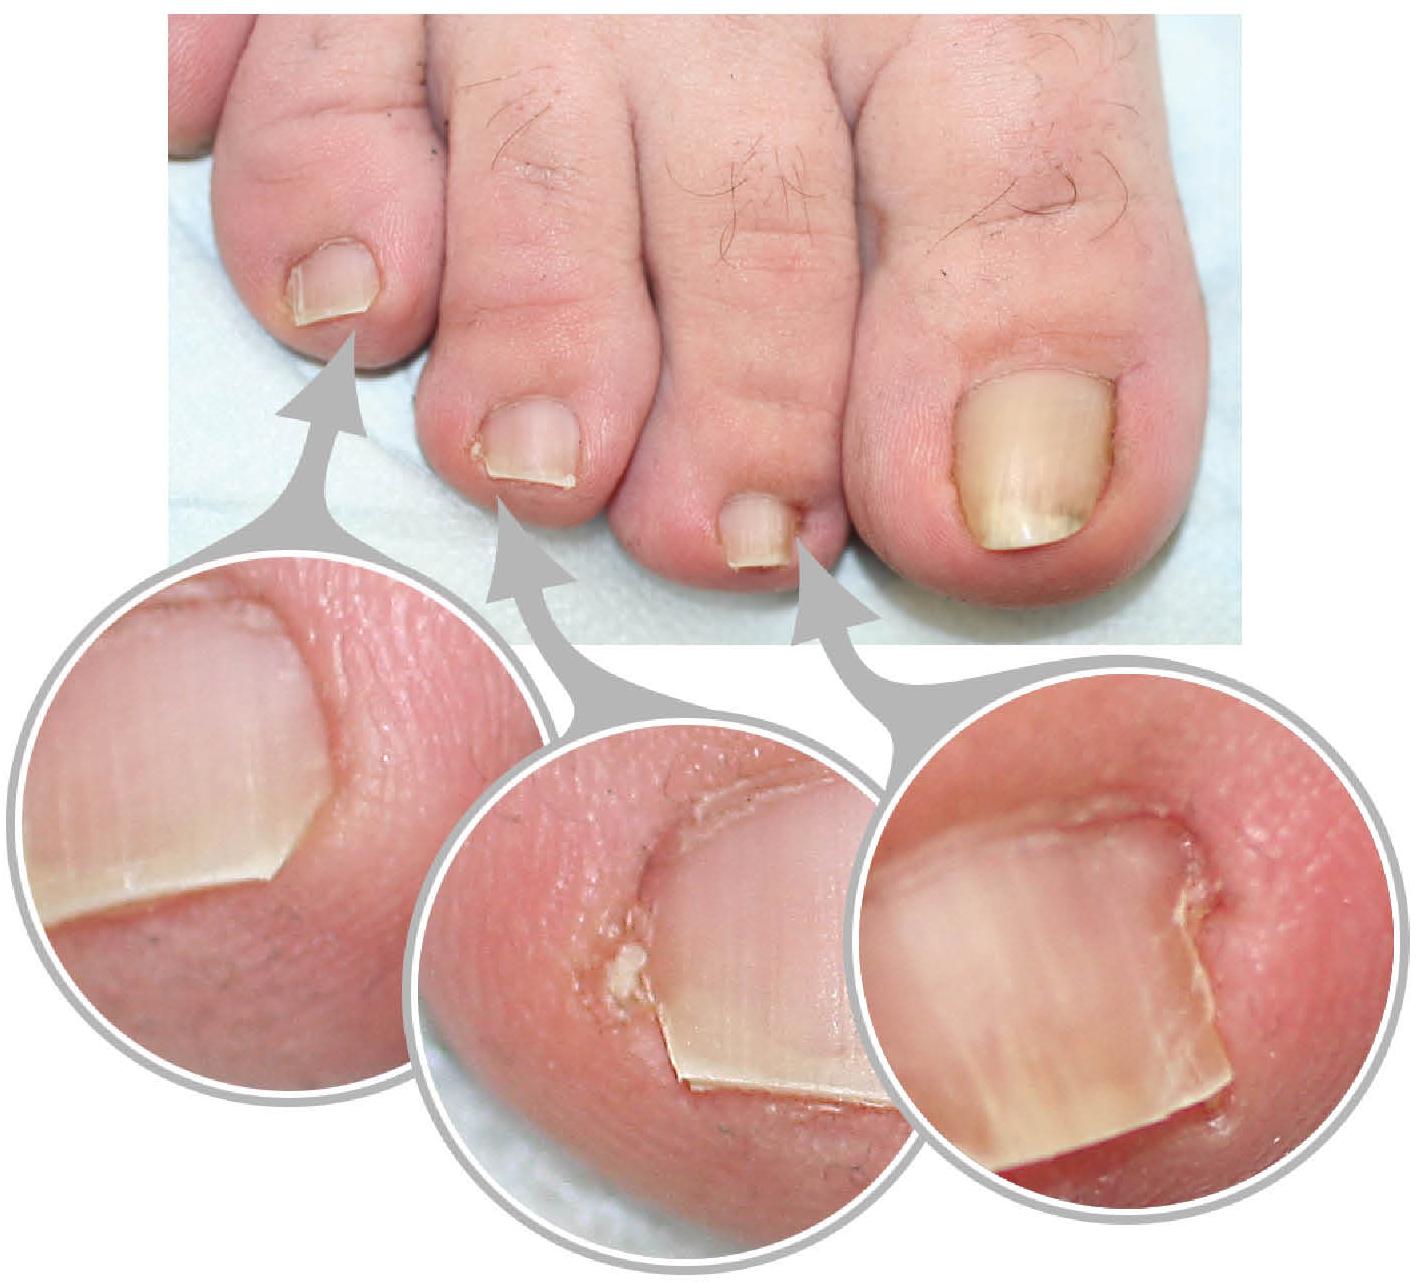 Деформация ногтя на большом пальце ноги лечение в домашних условиях